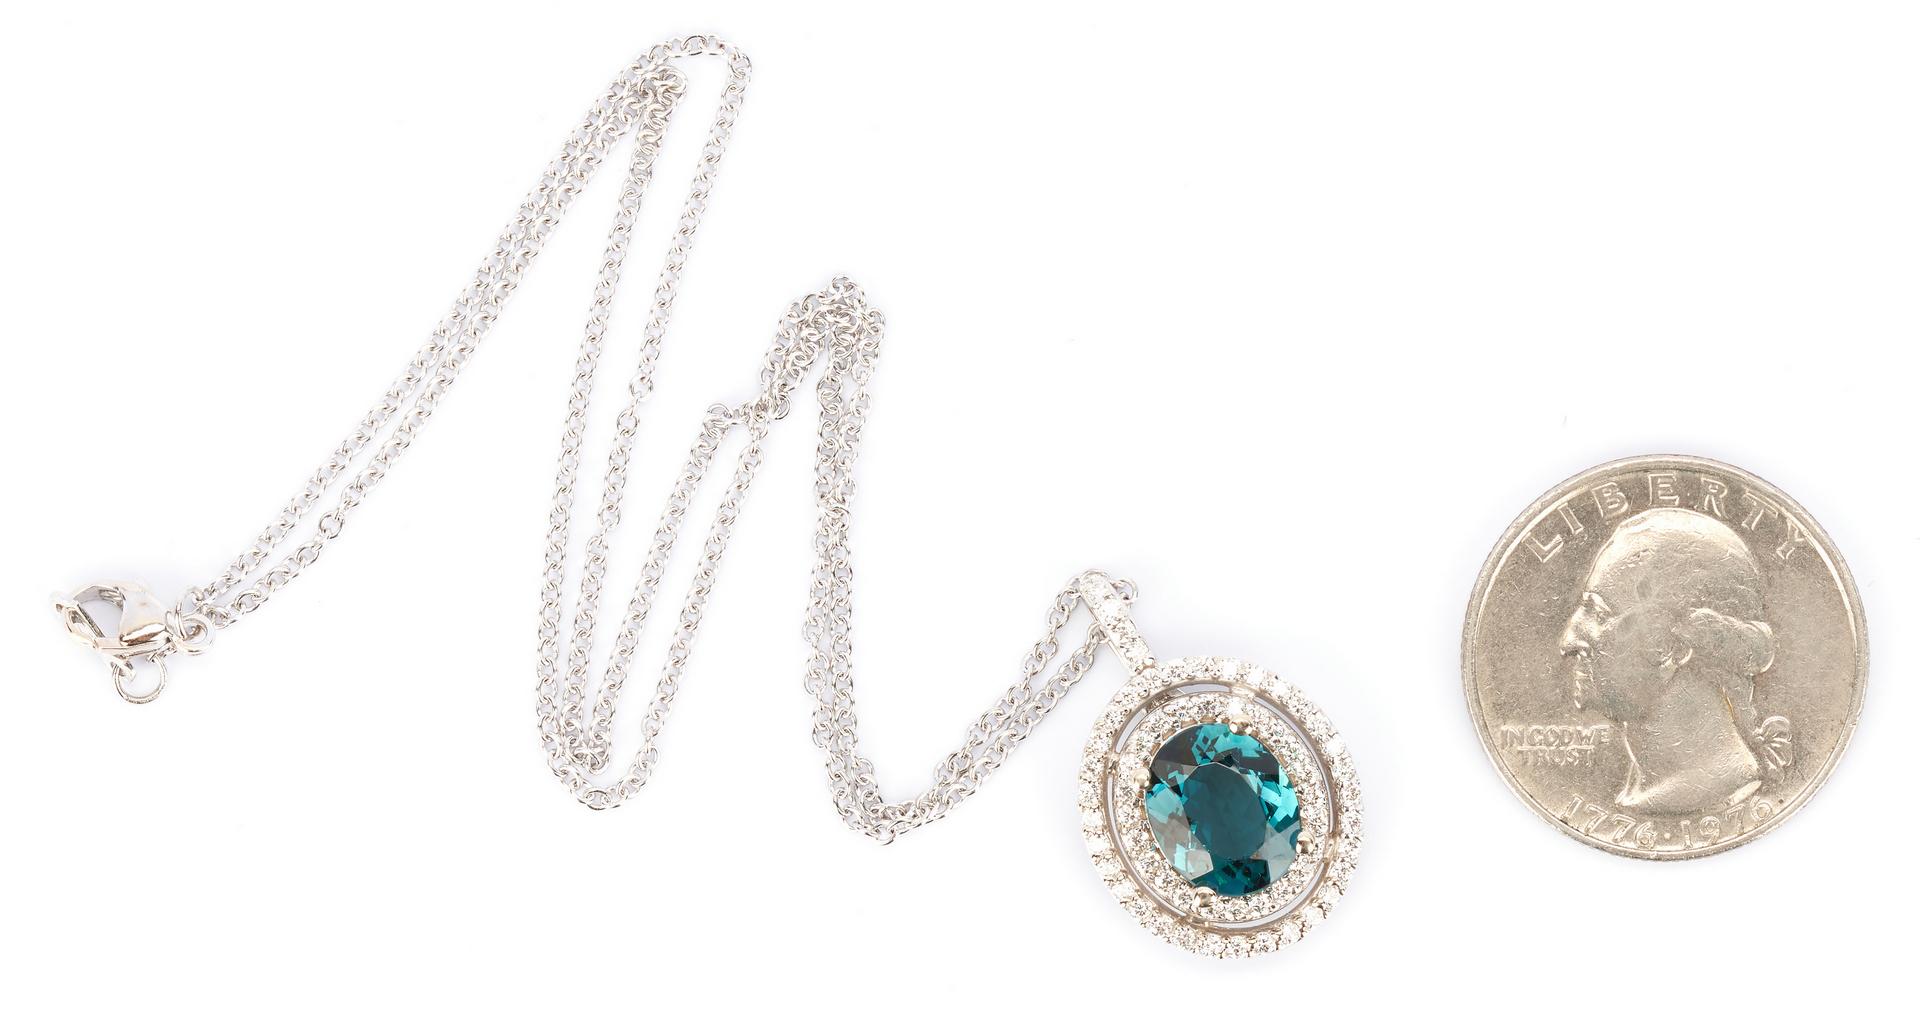 Lot 921: Ladies 18K Necklace & Topaz Pendant